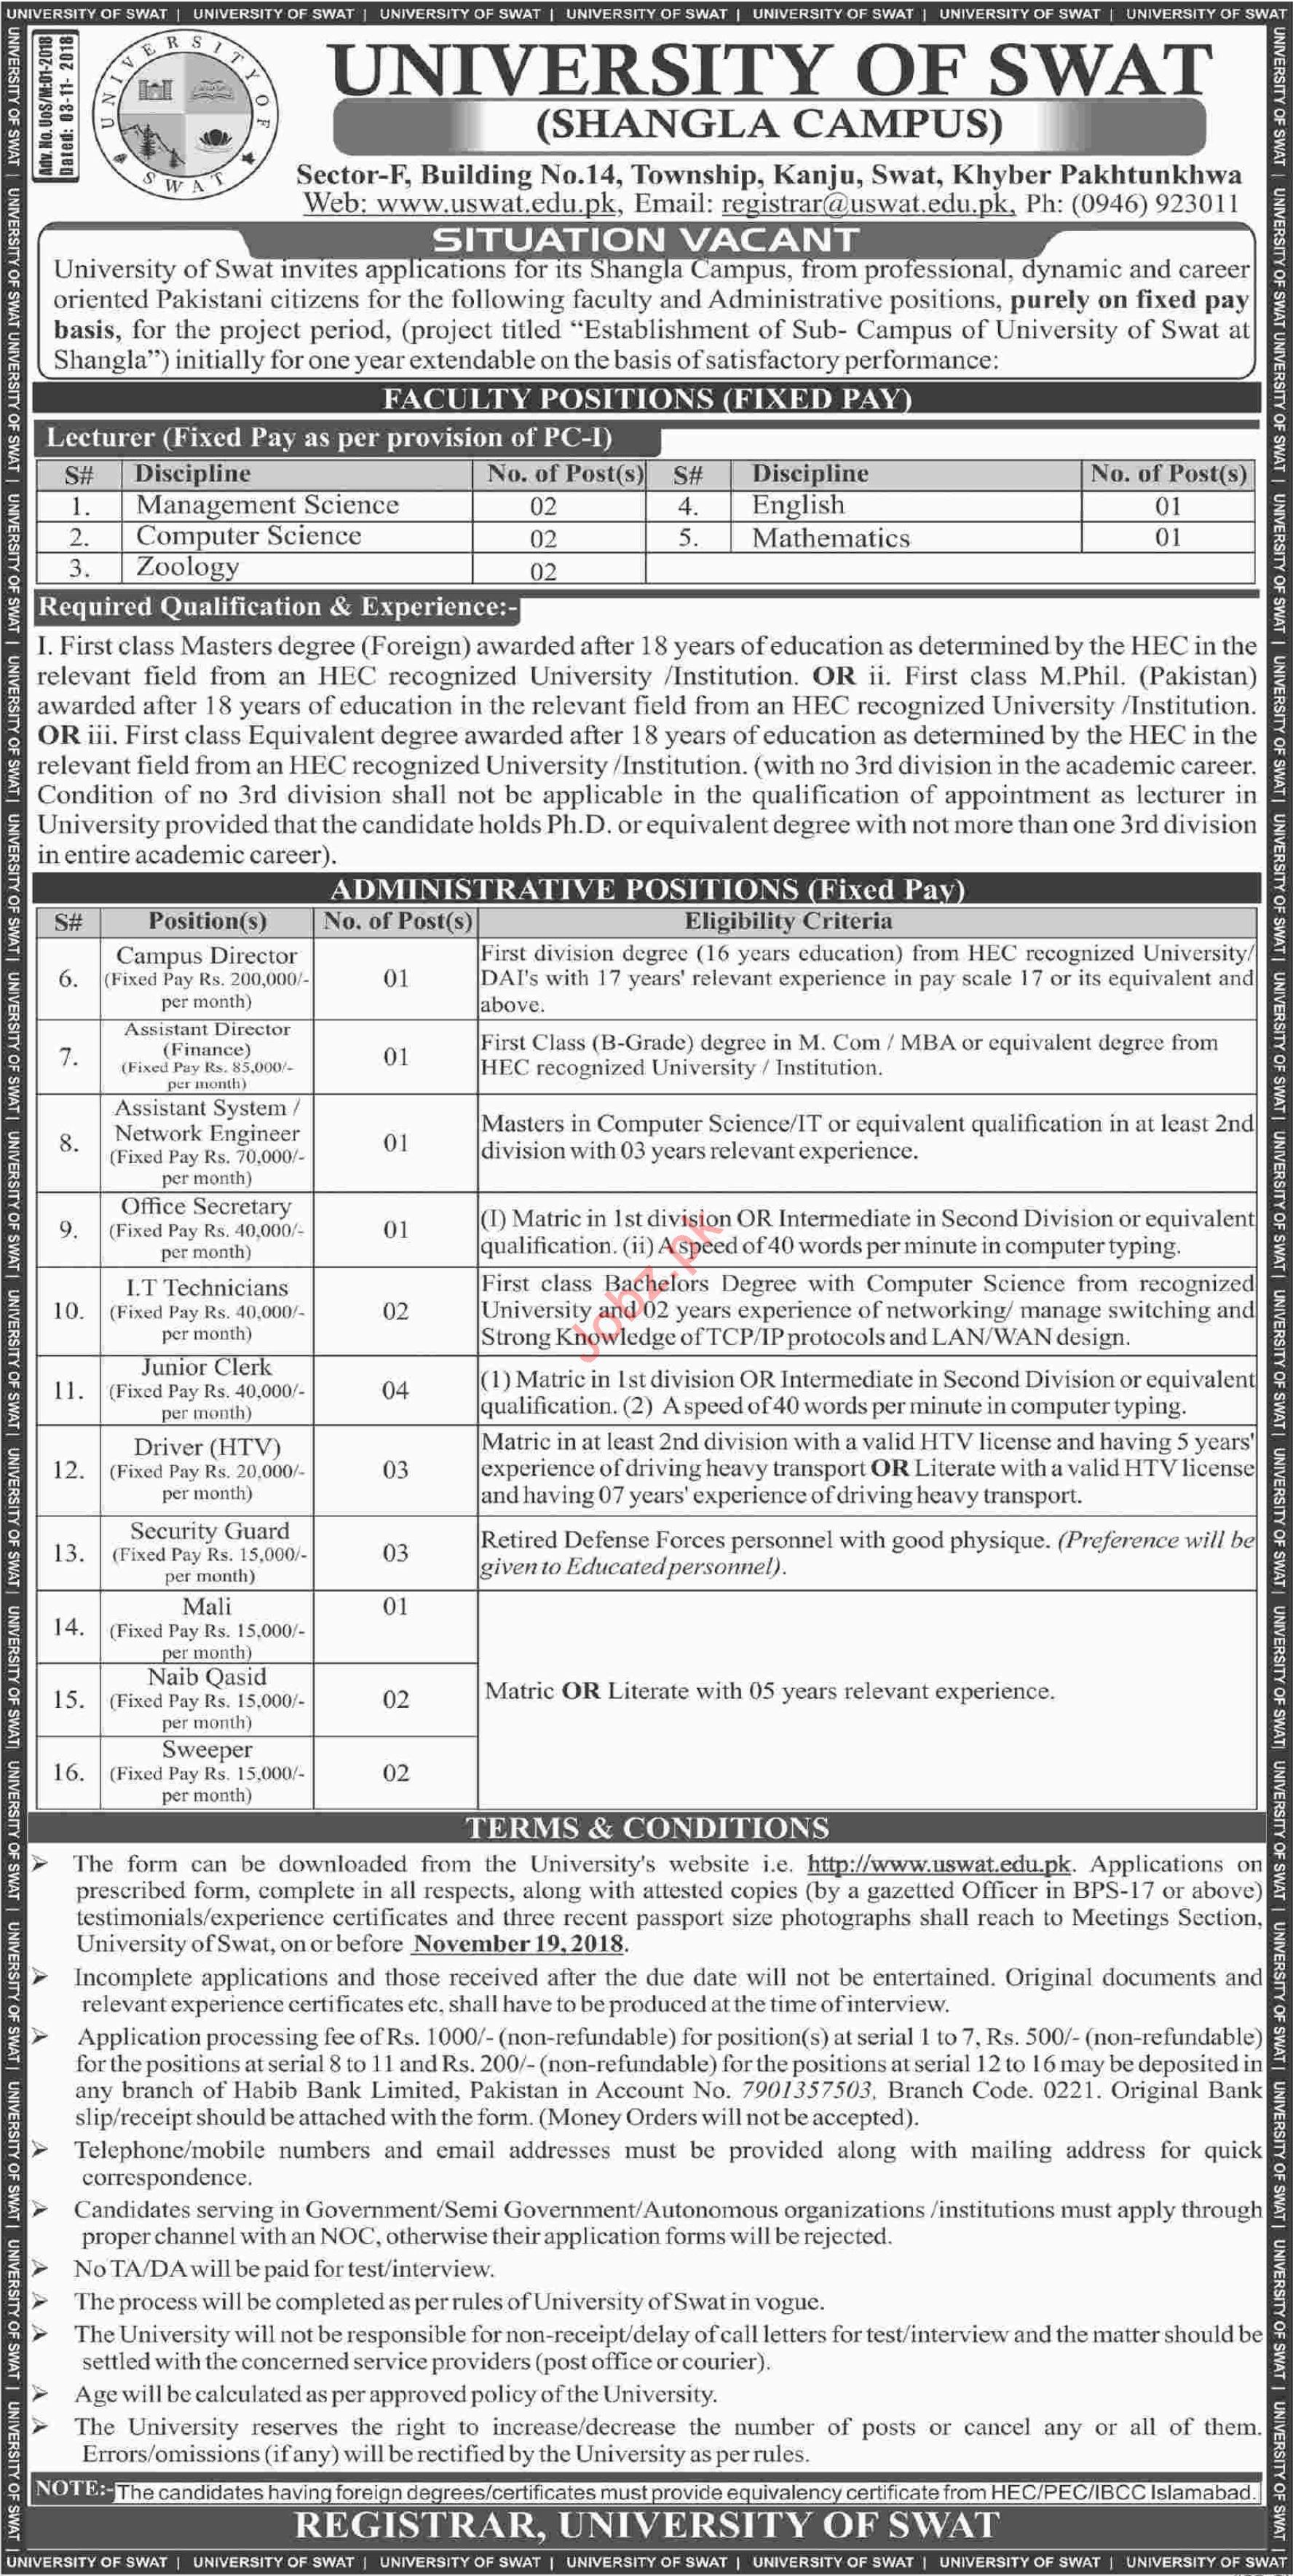 University of Swat Shangla Jobs 2018 Lecturers & Directors